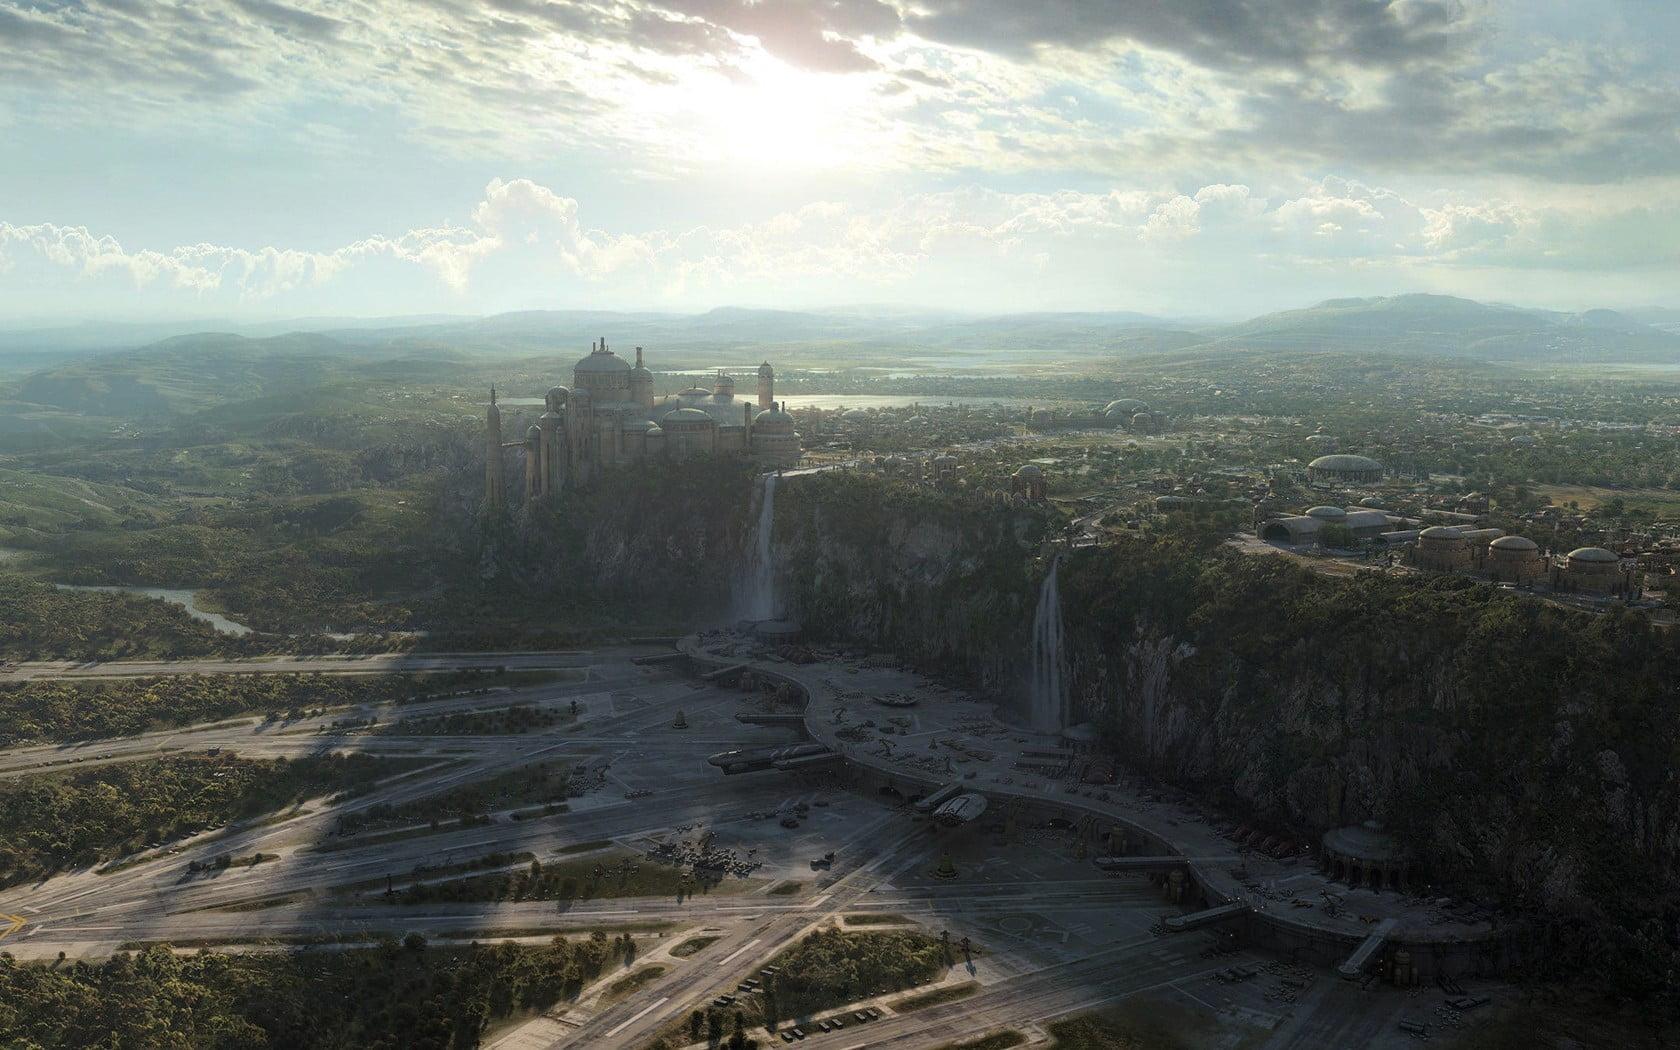 White gothic castle Star Wars landscape photo manipulation 1680x1050